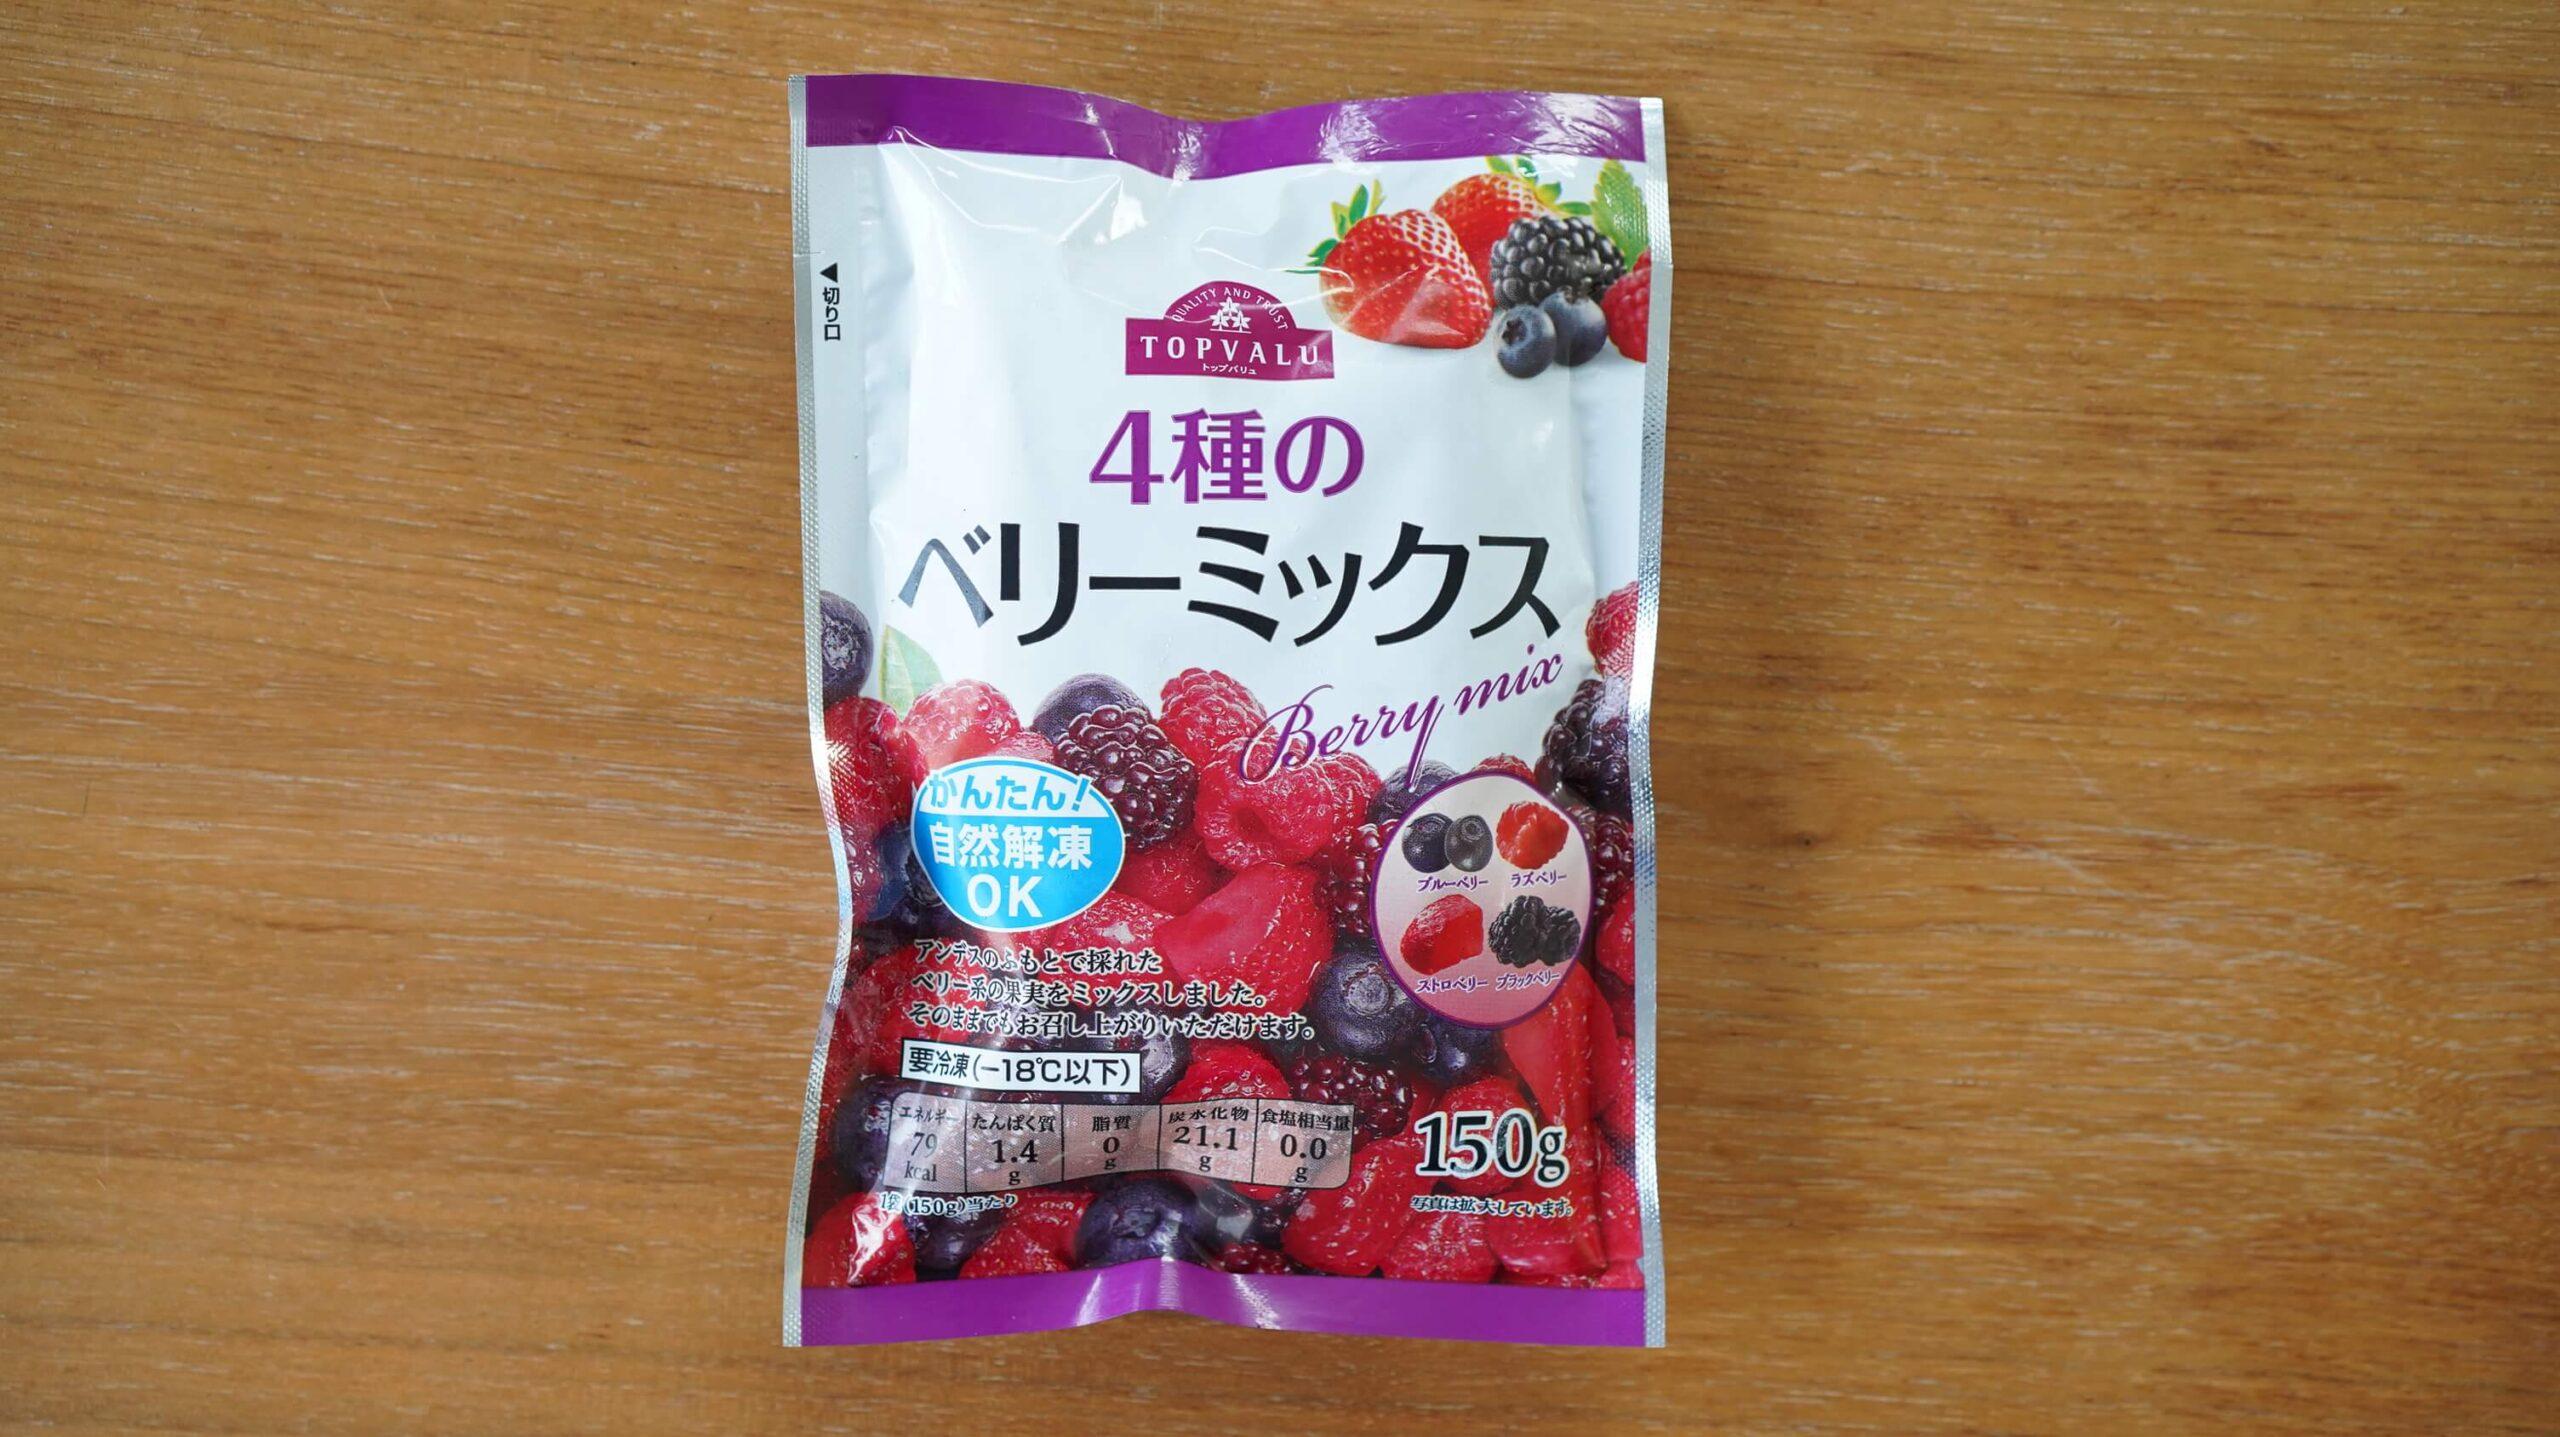 イオン・トップバリュ(TOPVALU)の冷凍食品「4種のベリーミックス」のパッケージ写真